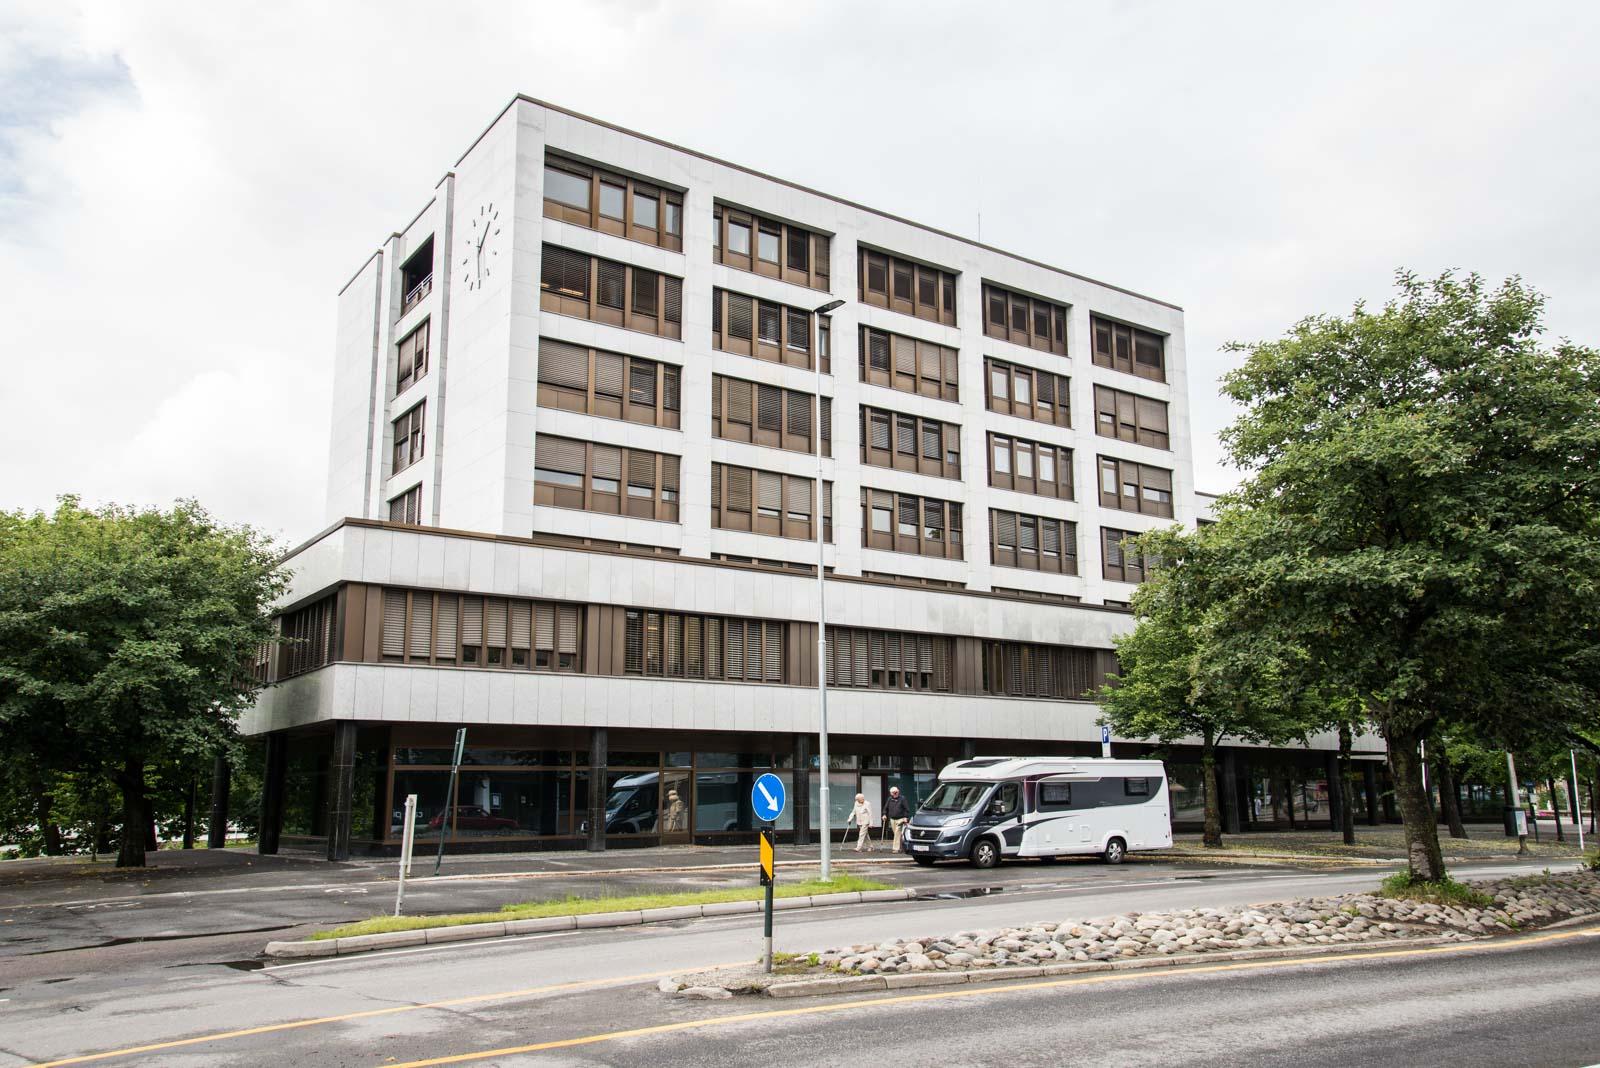 Gjøvik 14. Juli 2015